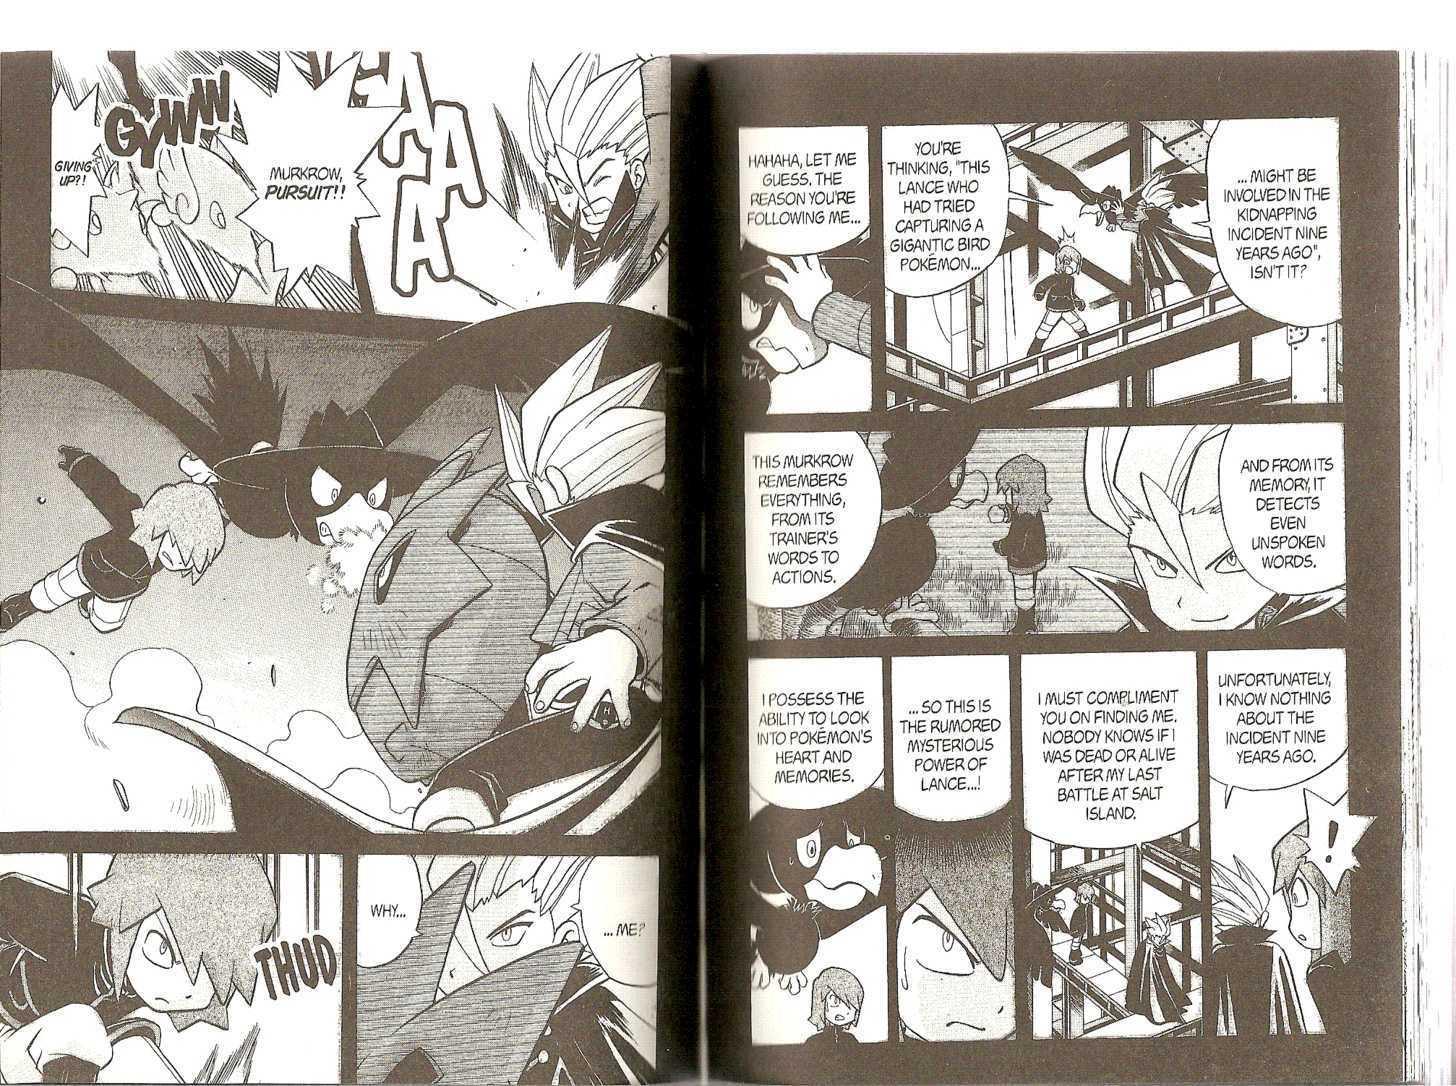 Pokemon Adventures 159 Page 3